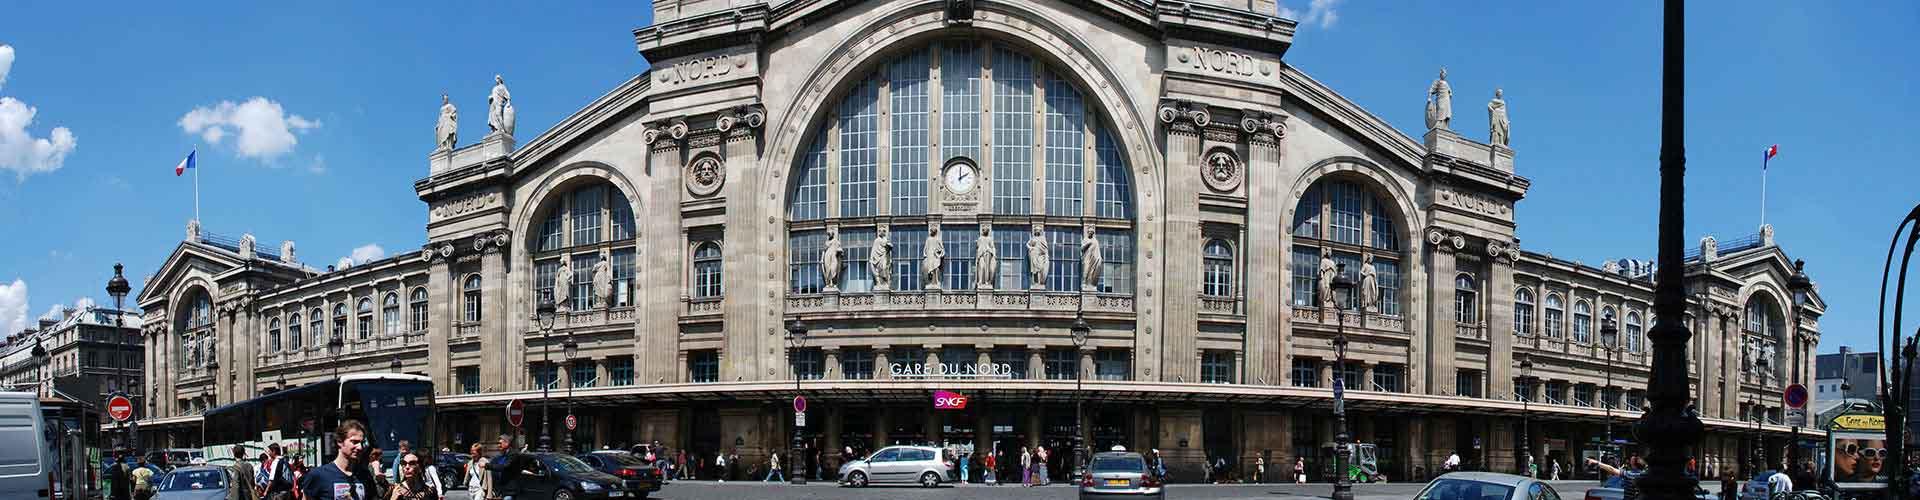 巴黎 – Train Station Gare du Nord区的青年旅舍。巴黎地图,巴黎每间青年旅舍的照片和评价。